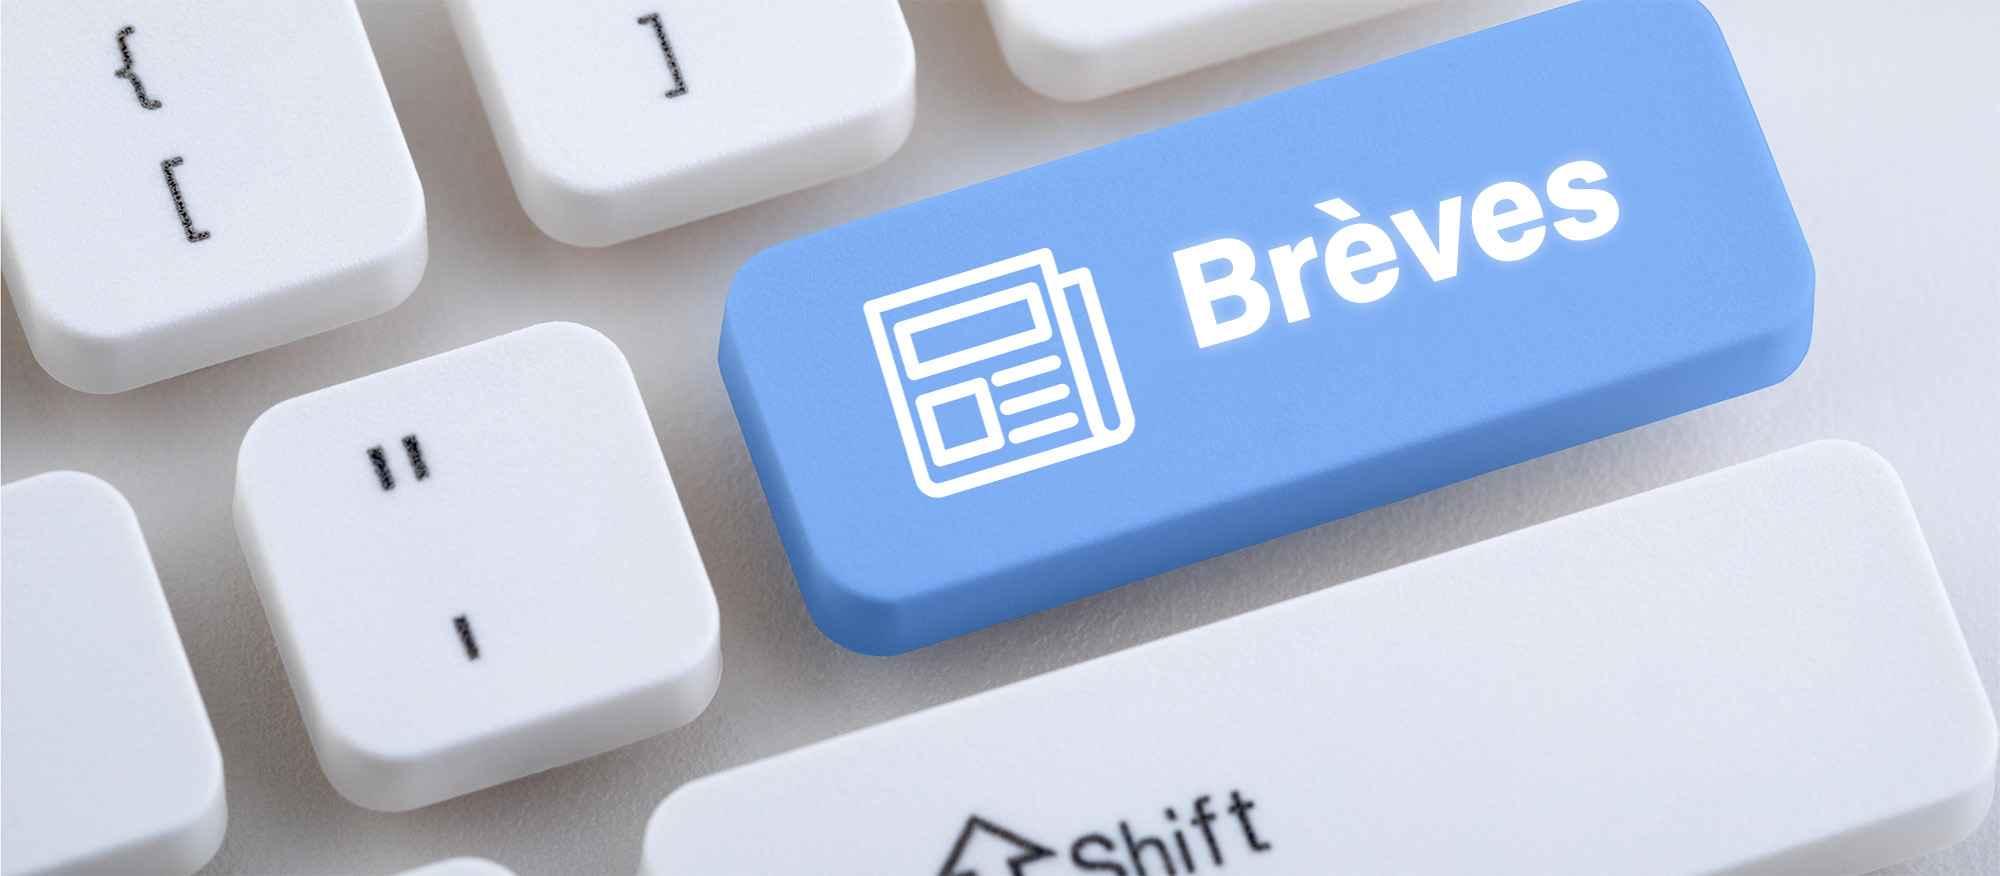 b_breves